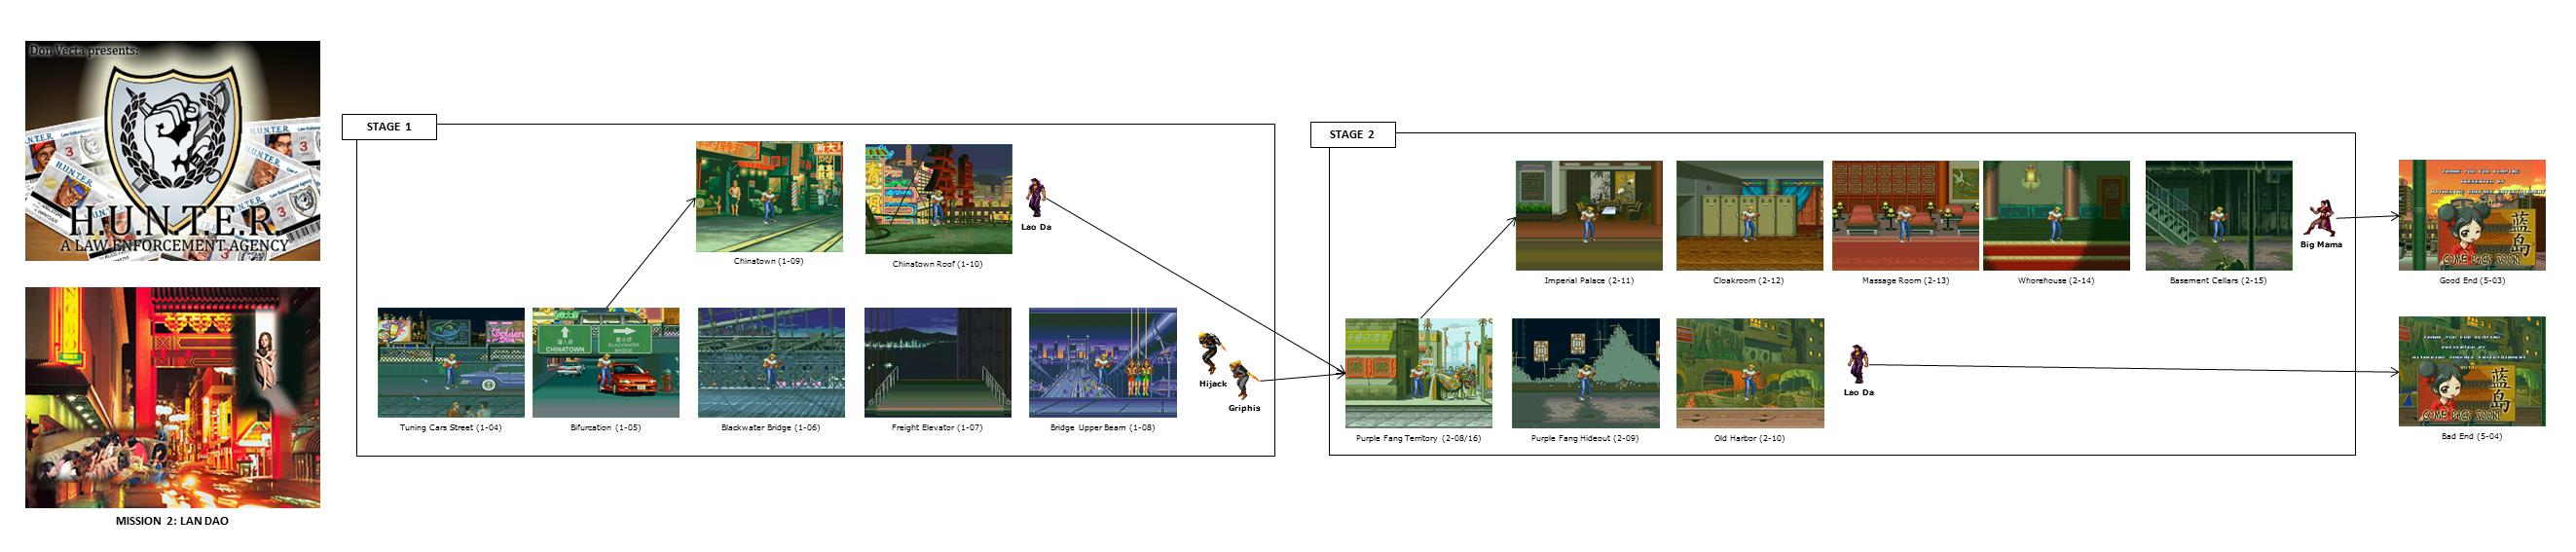 H.U.N.T.E.R. Mod of the Year edition v2.0 - Page 5 Hunter-map-2-lan-dao